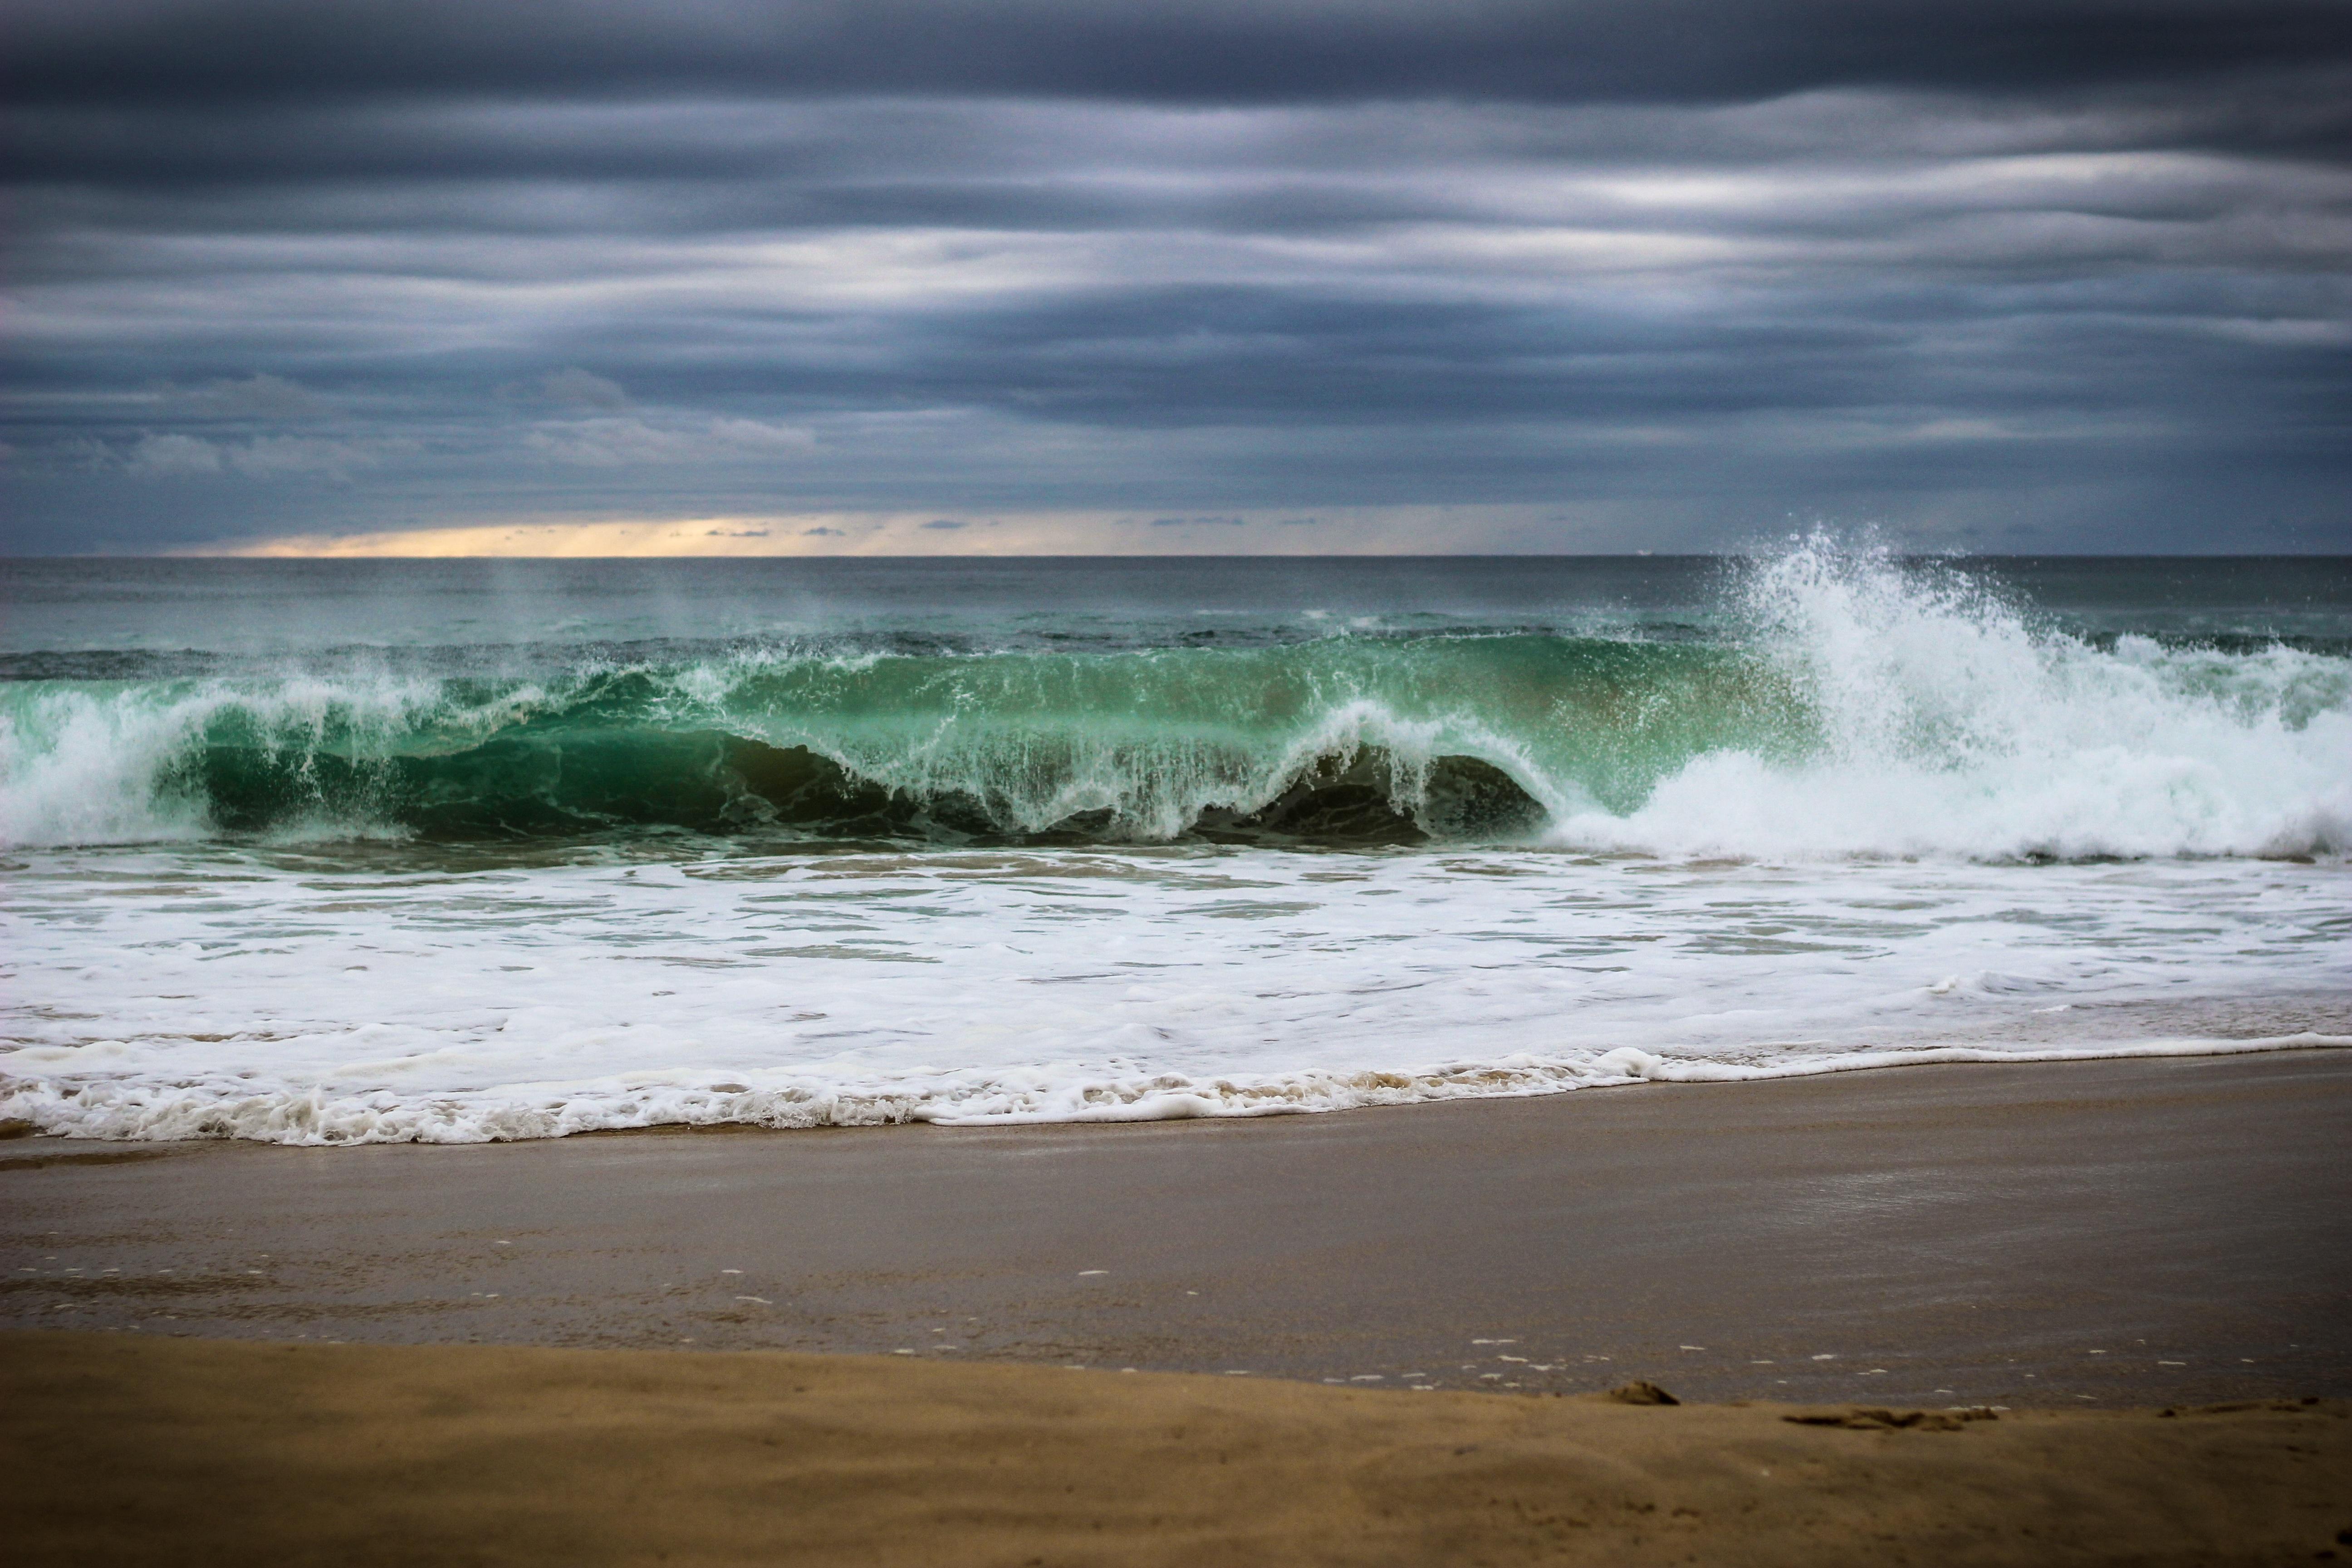 нам картинка волна утром чтобы праздник удался